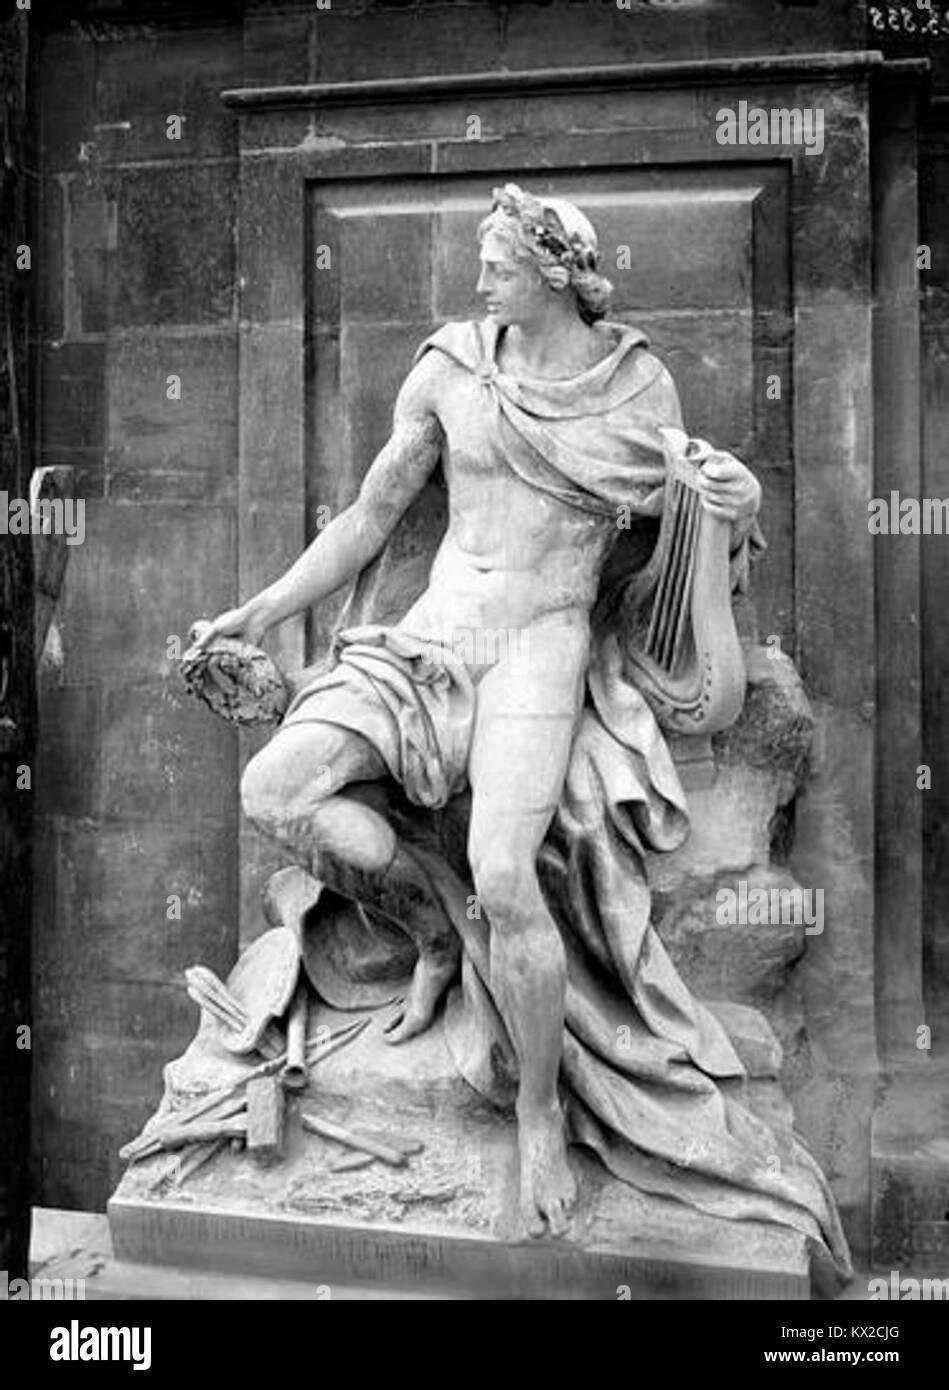 Domaine national du Palais-Royal - Cour d'honneur, statue d'Appollon ou Beaux-arts - Paris - Médiathèque - Stock Image